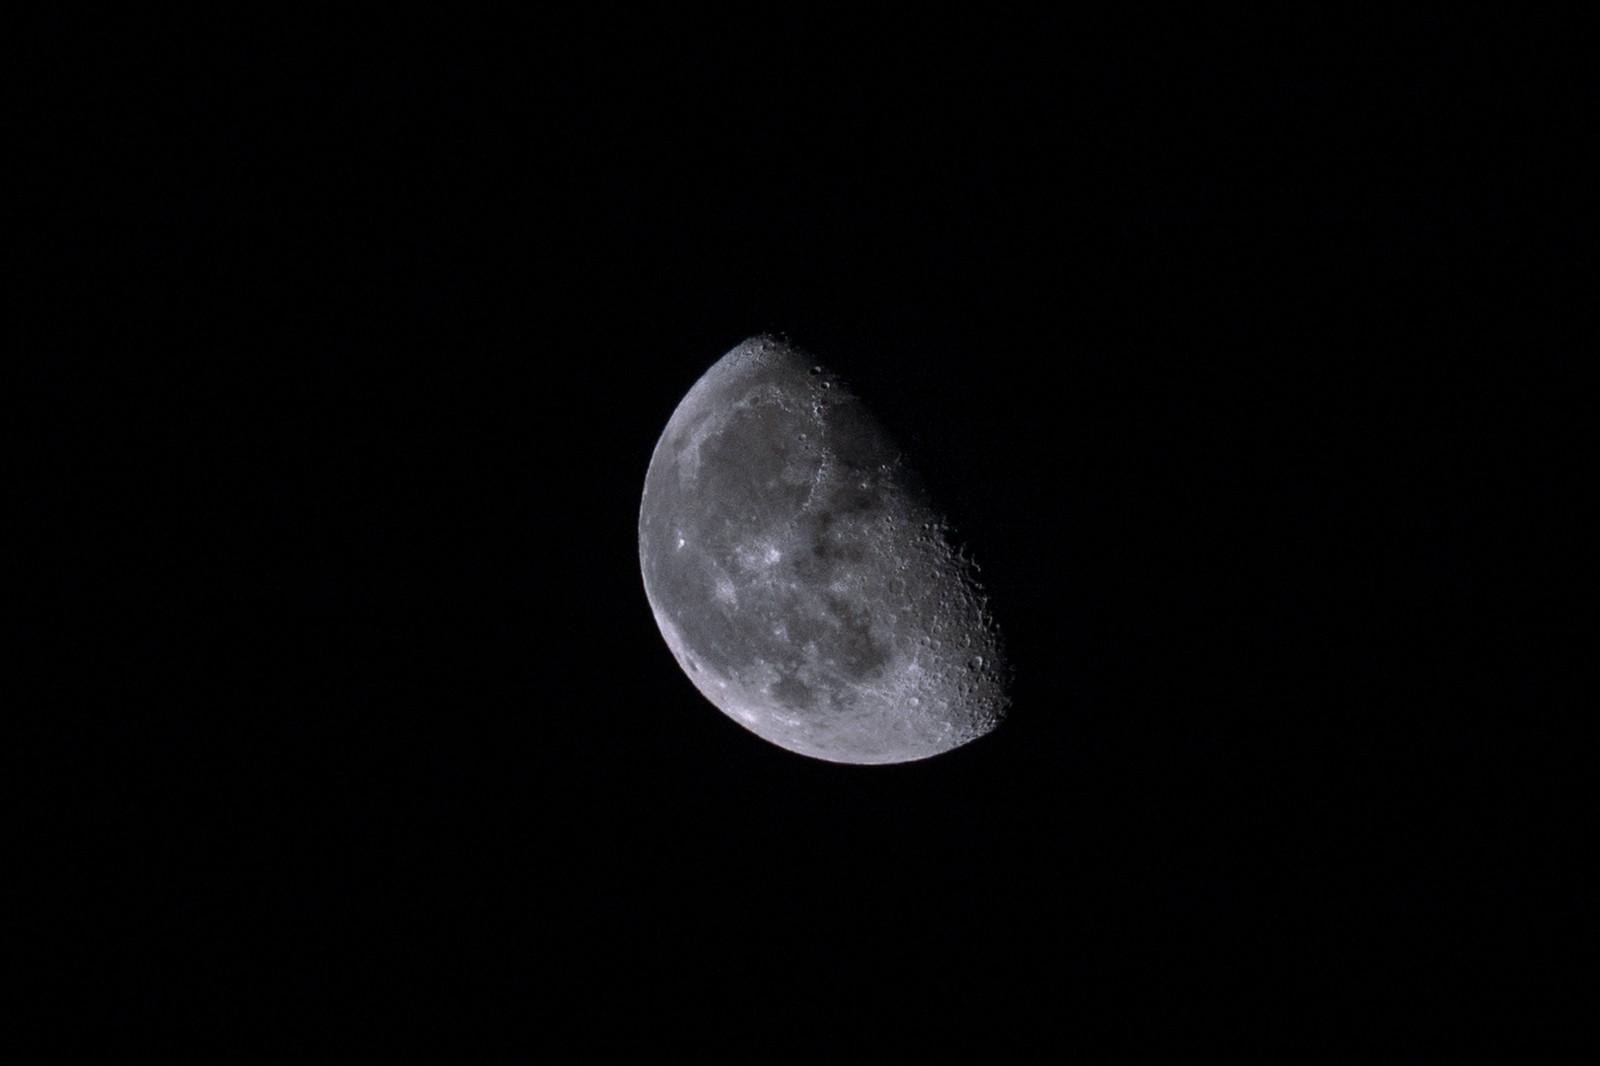 月面でもスマホ!「月面4G LTEネットワーク」